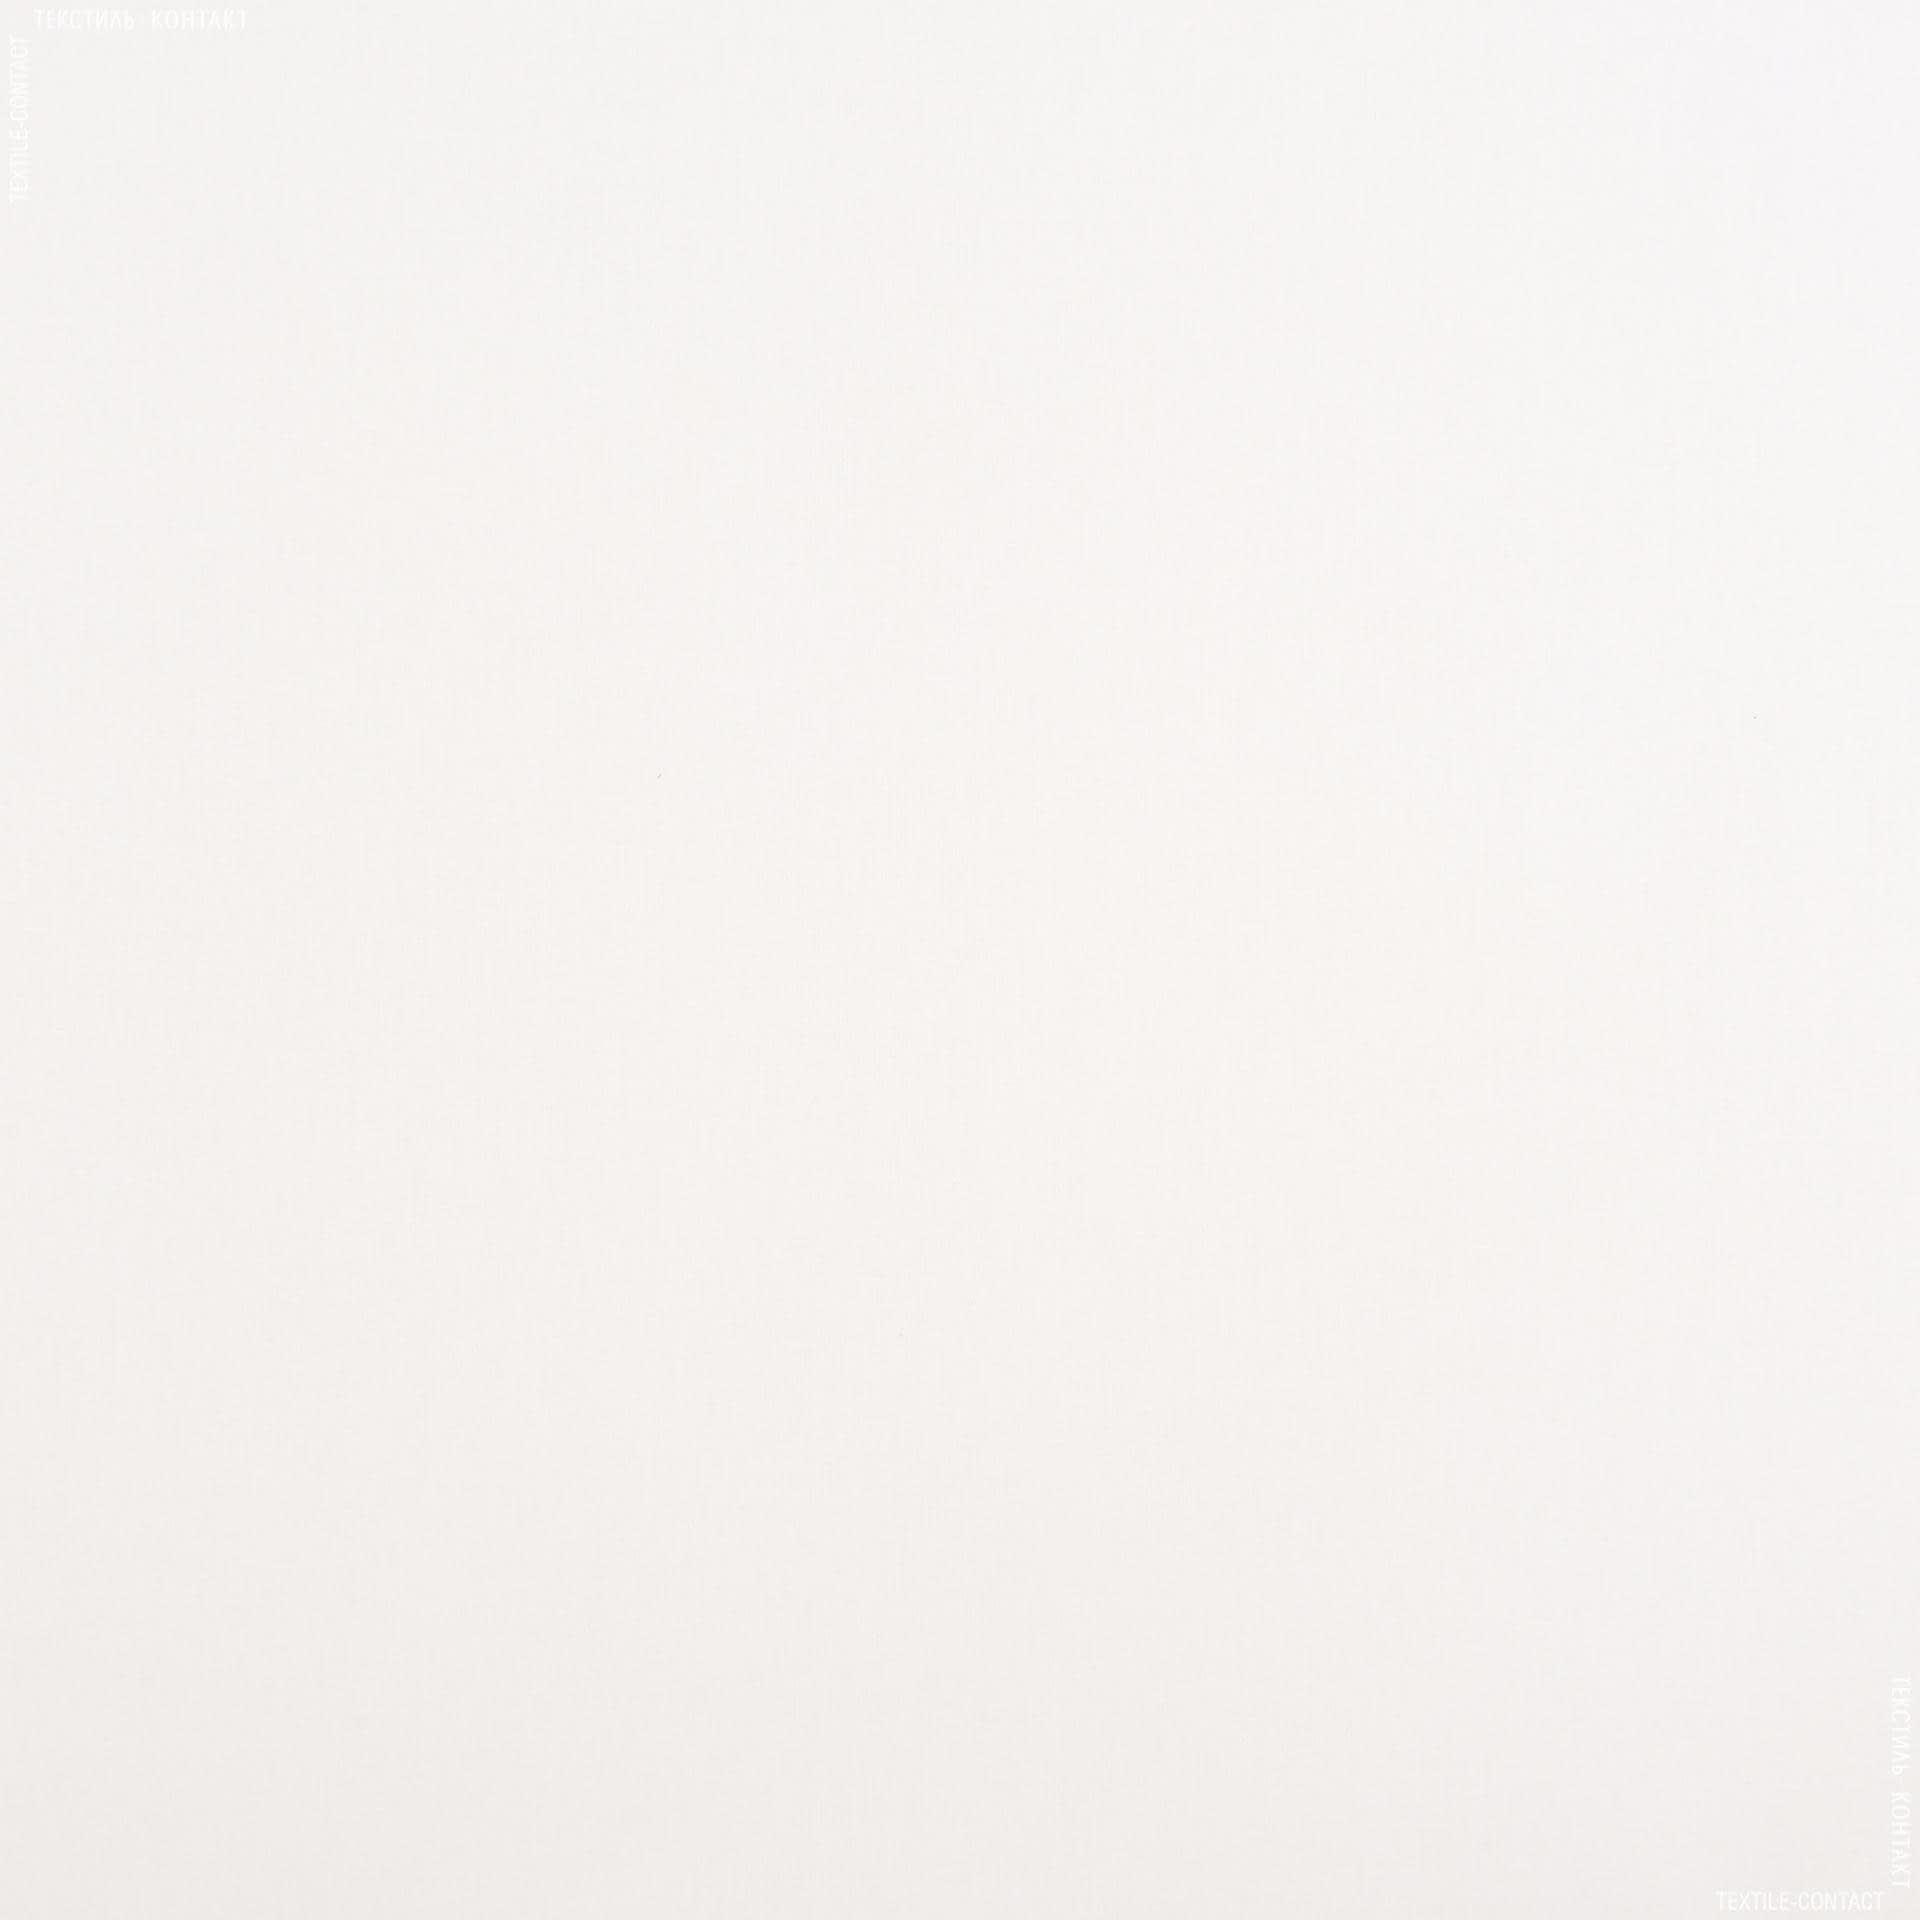 Ткани для спецодежды - Бязь отбеленная 3в1-16 ткд